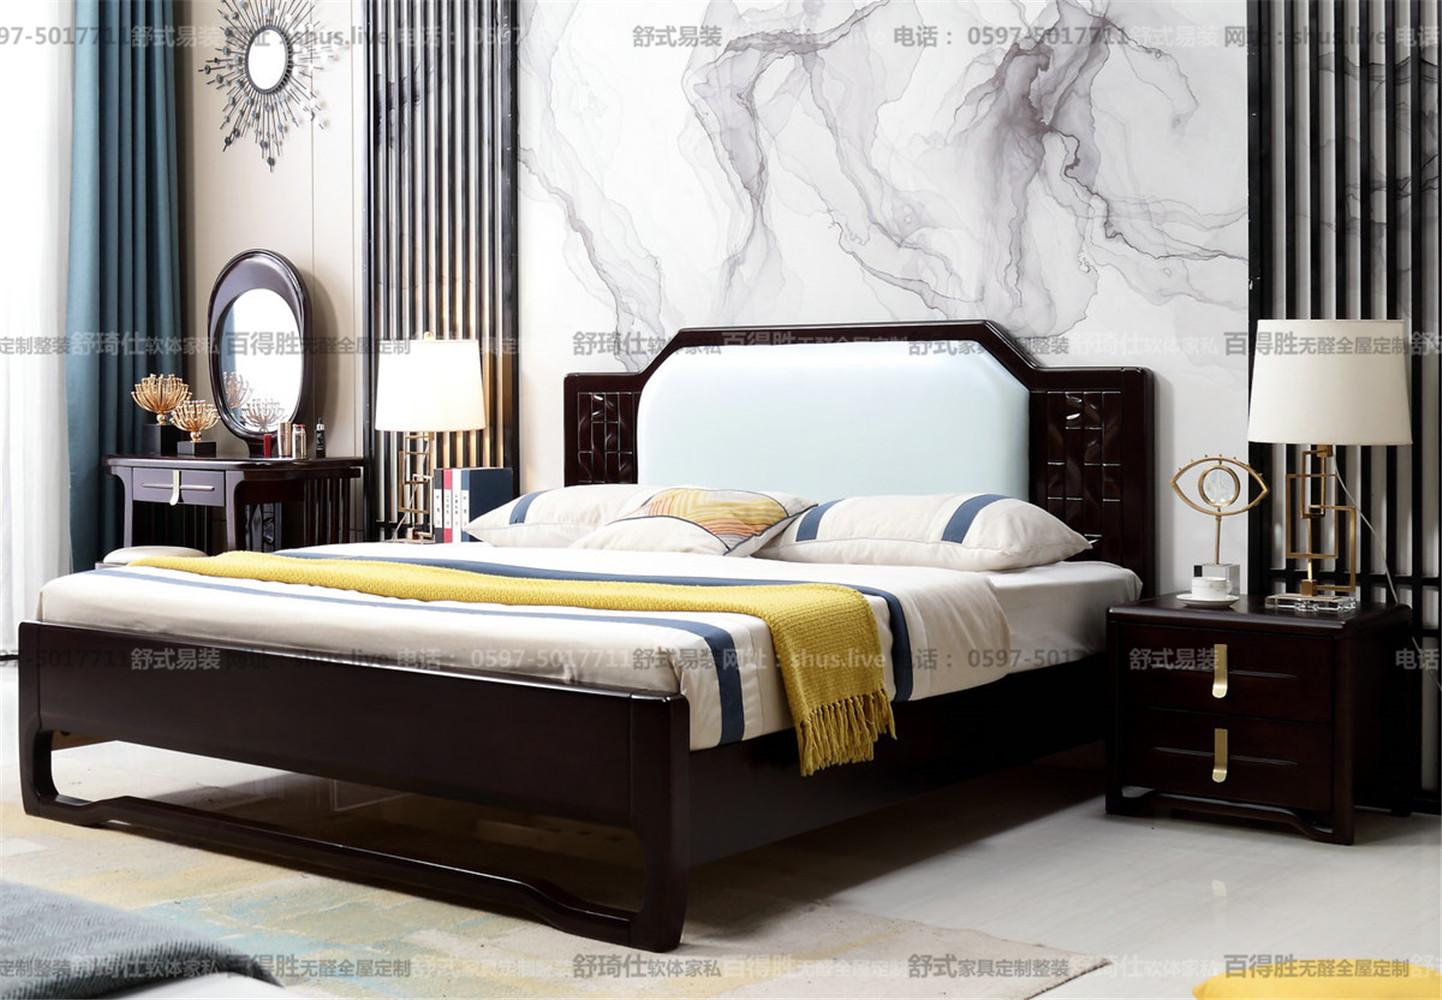 新中式轻奢-床铺/床头柜/梳妆台/梳妆凳/床尾凳/衣柜/沙发/餐桌/餐椅/茶几/电视柜/斗柜/鞋柜-名图